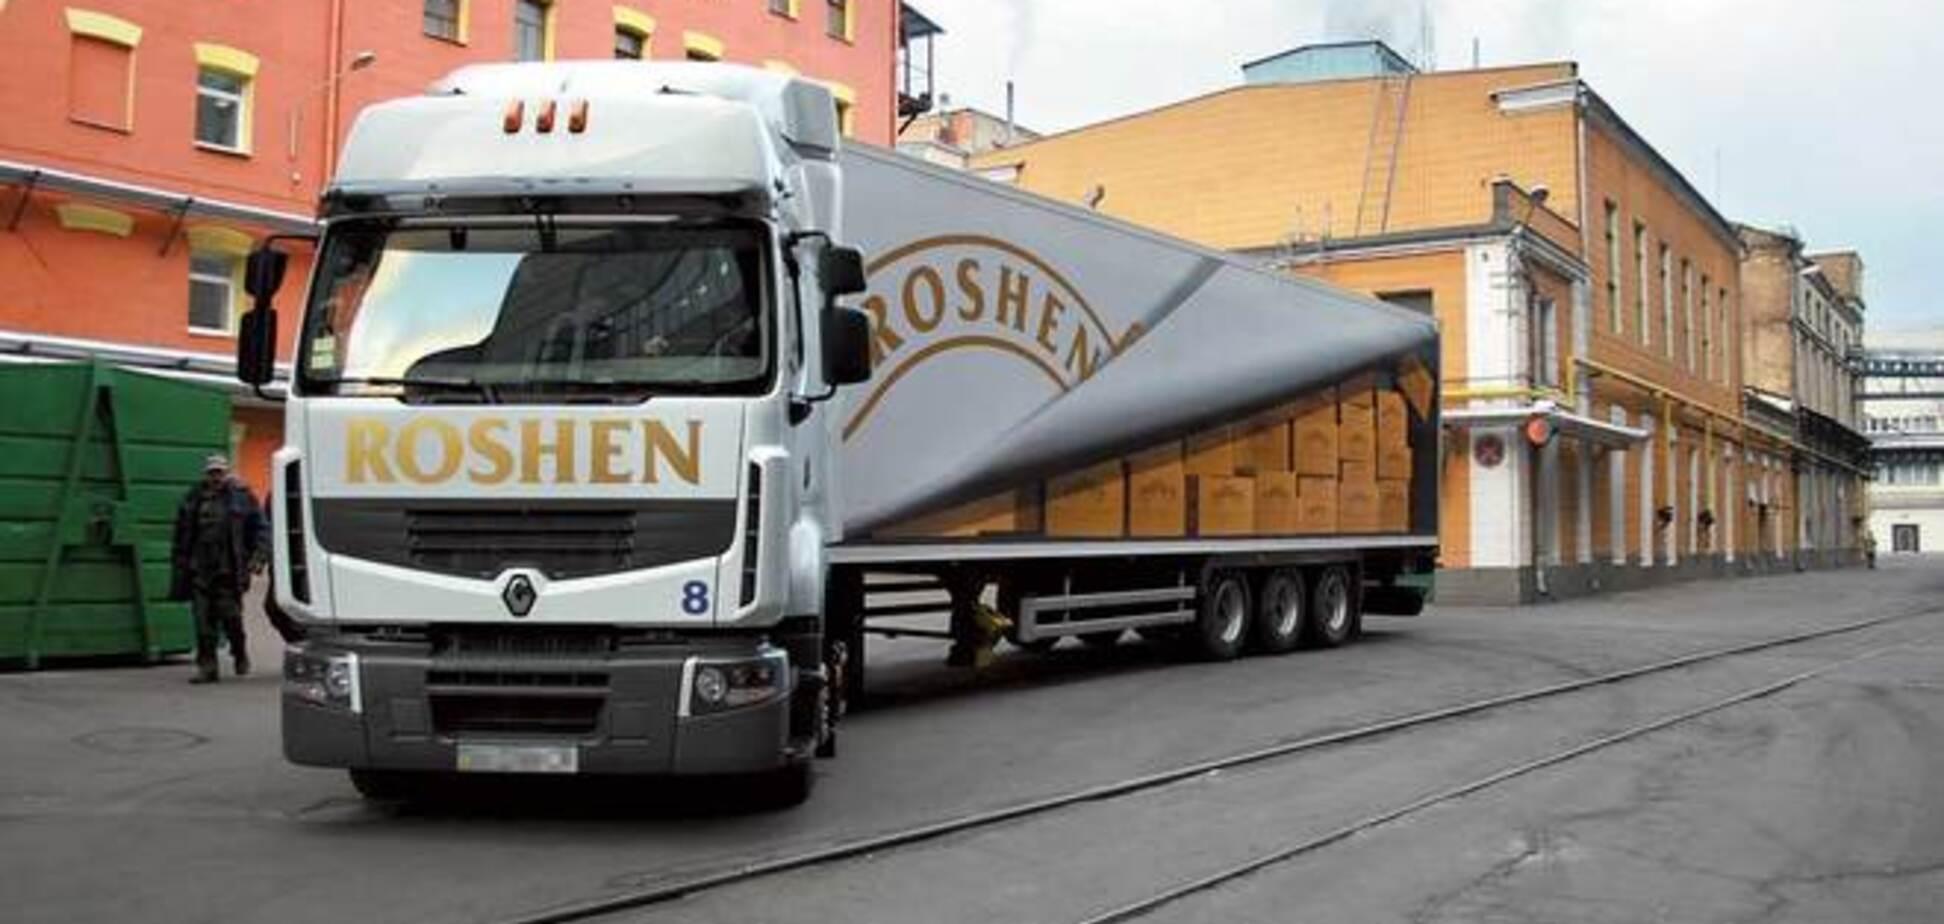 Террористы в Донецке захватили грузовики ROSHEN и требуют за них выкуп